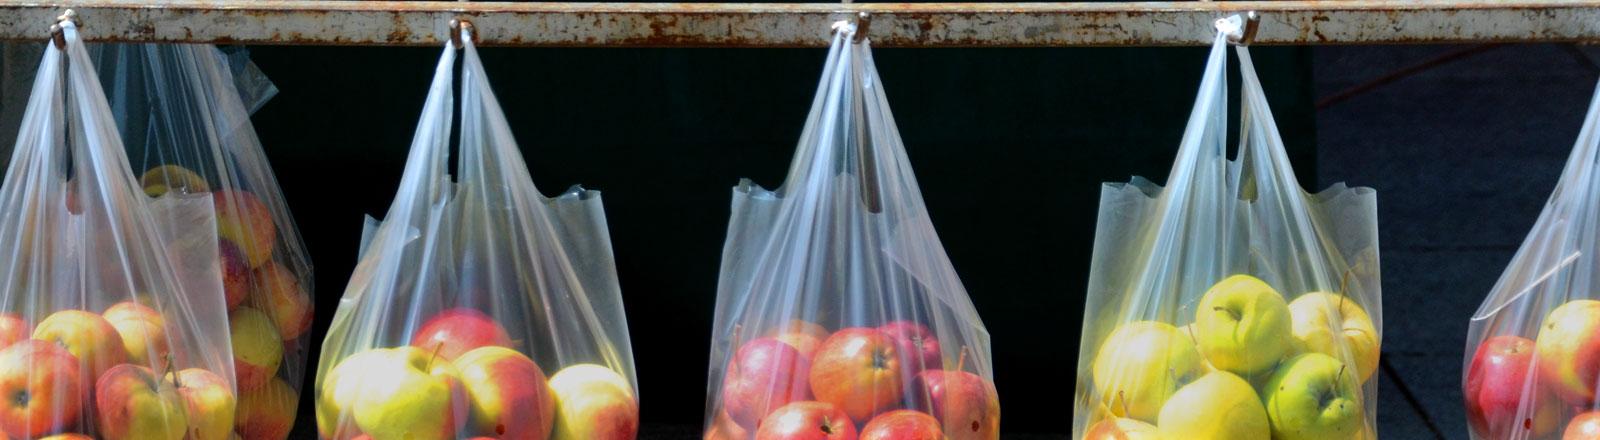 Mehrere Plastiktüten mit Äpfeln hängen  in einer Reihe.